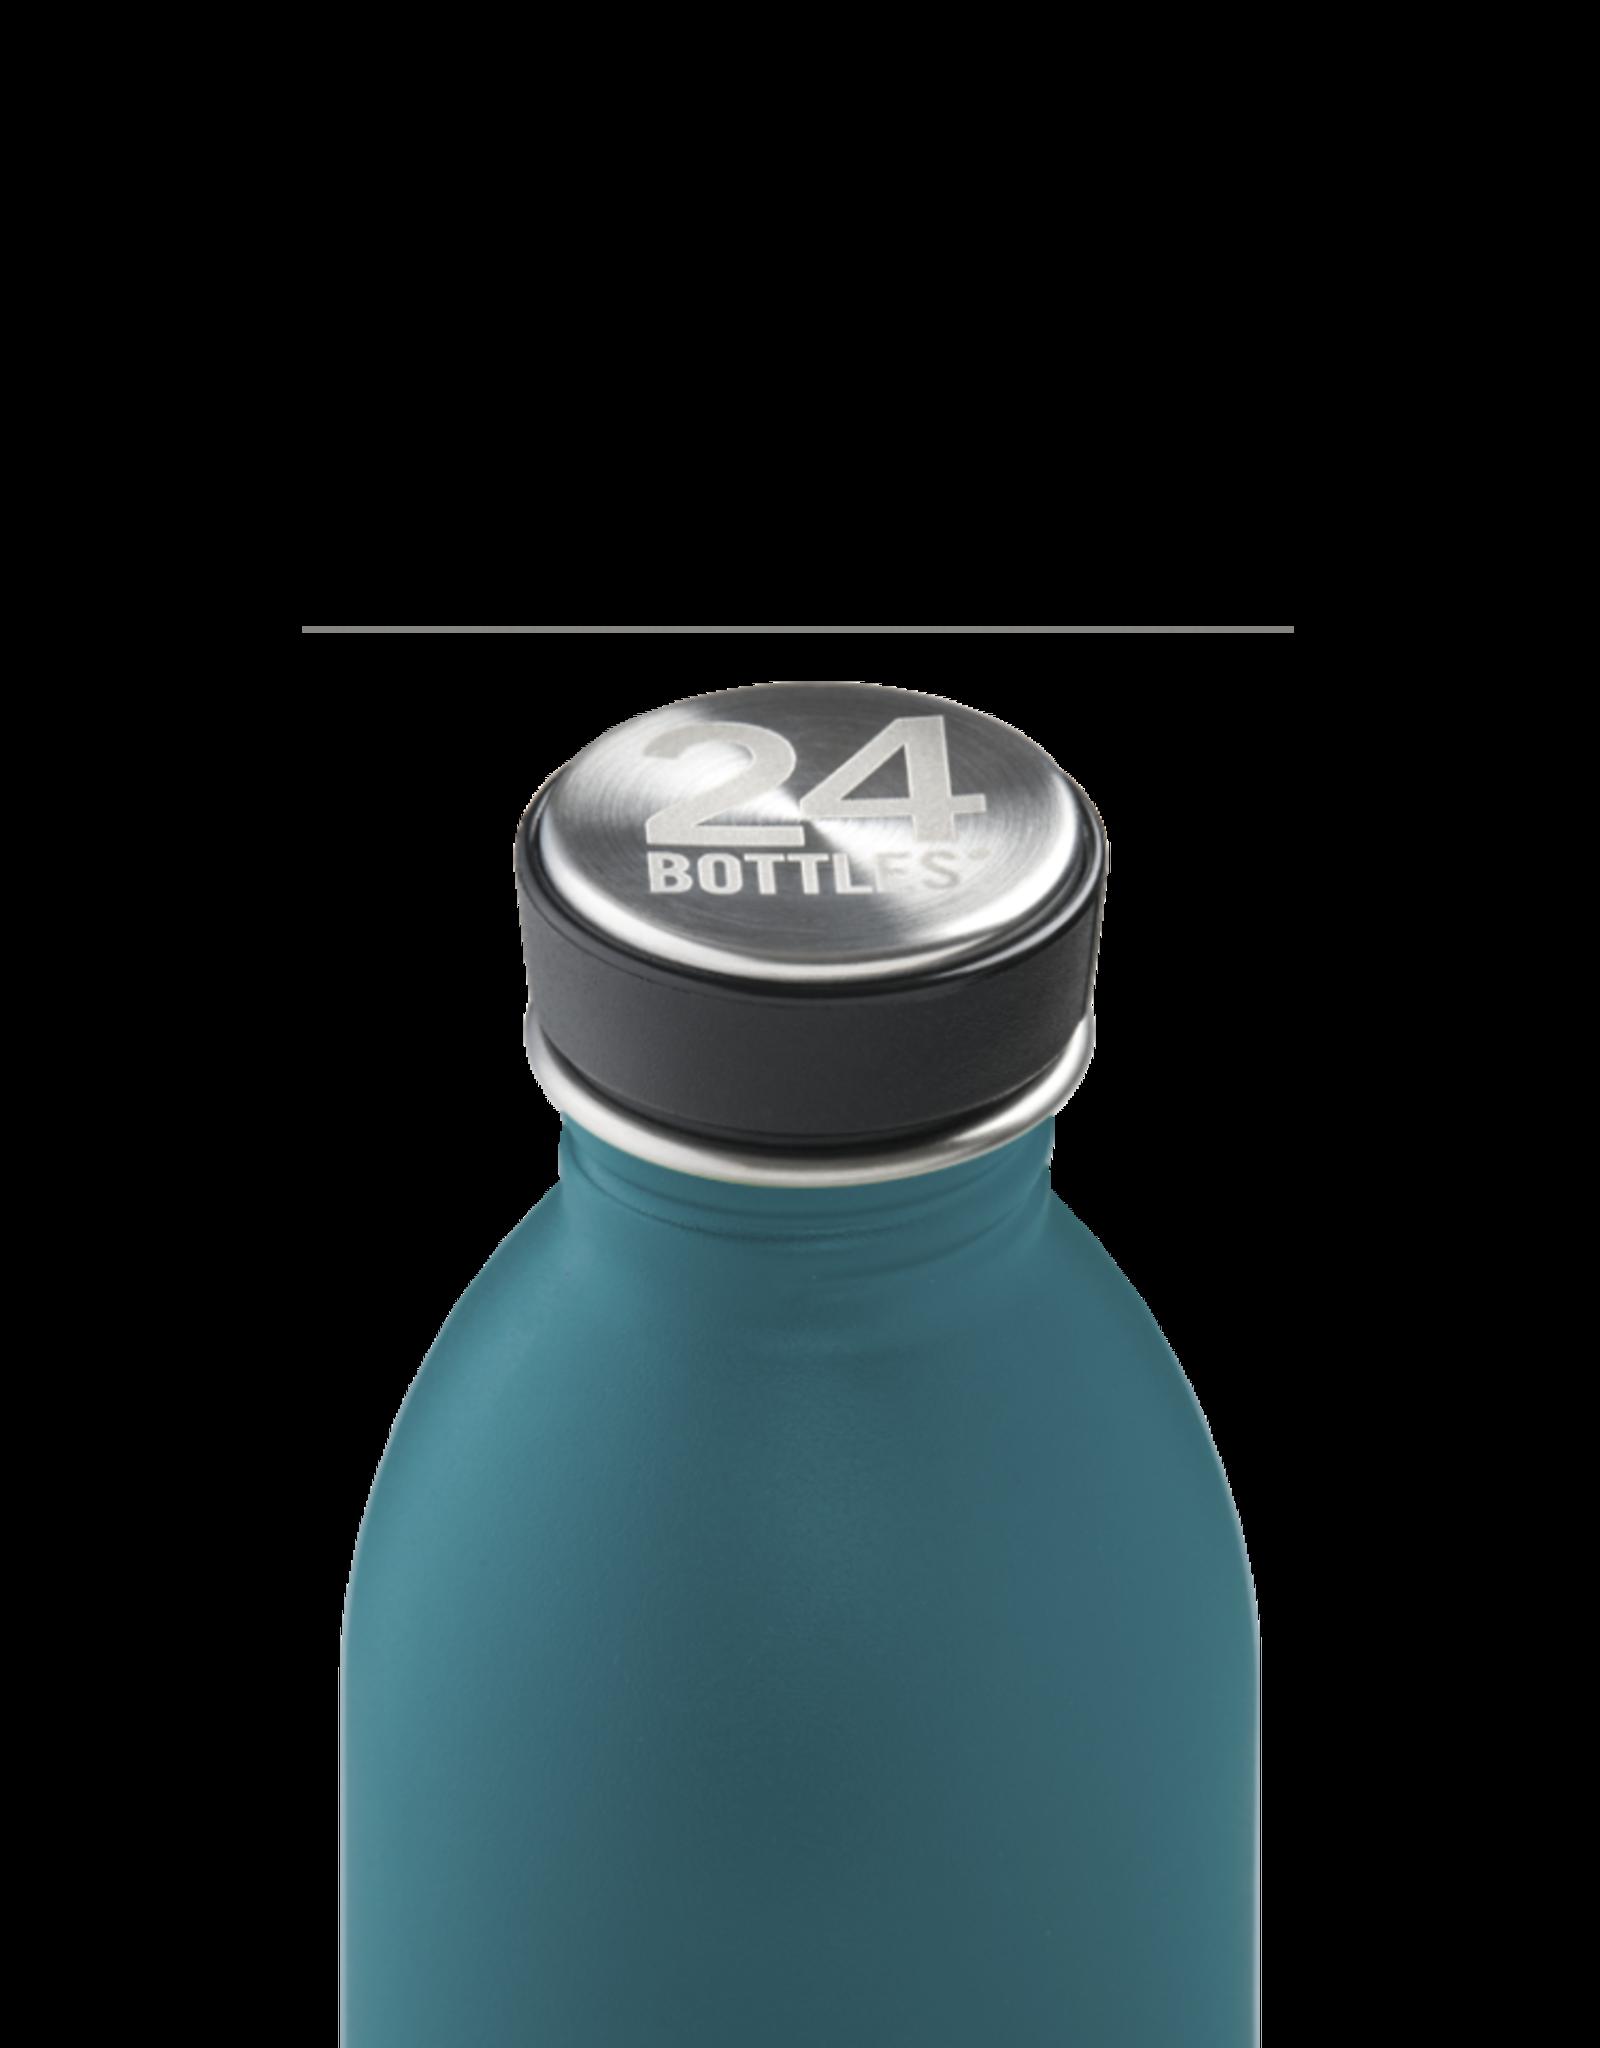 24 bottles Urban bottle - Atlantic bay 1000 ml